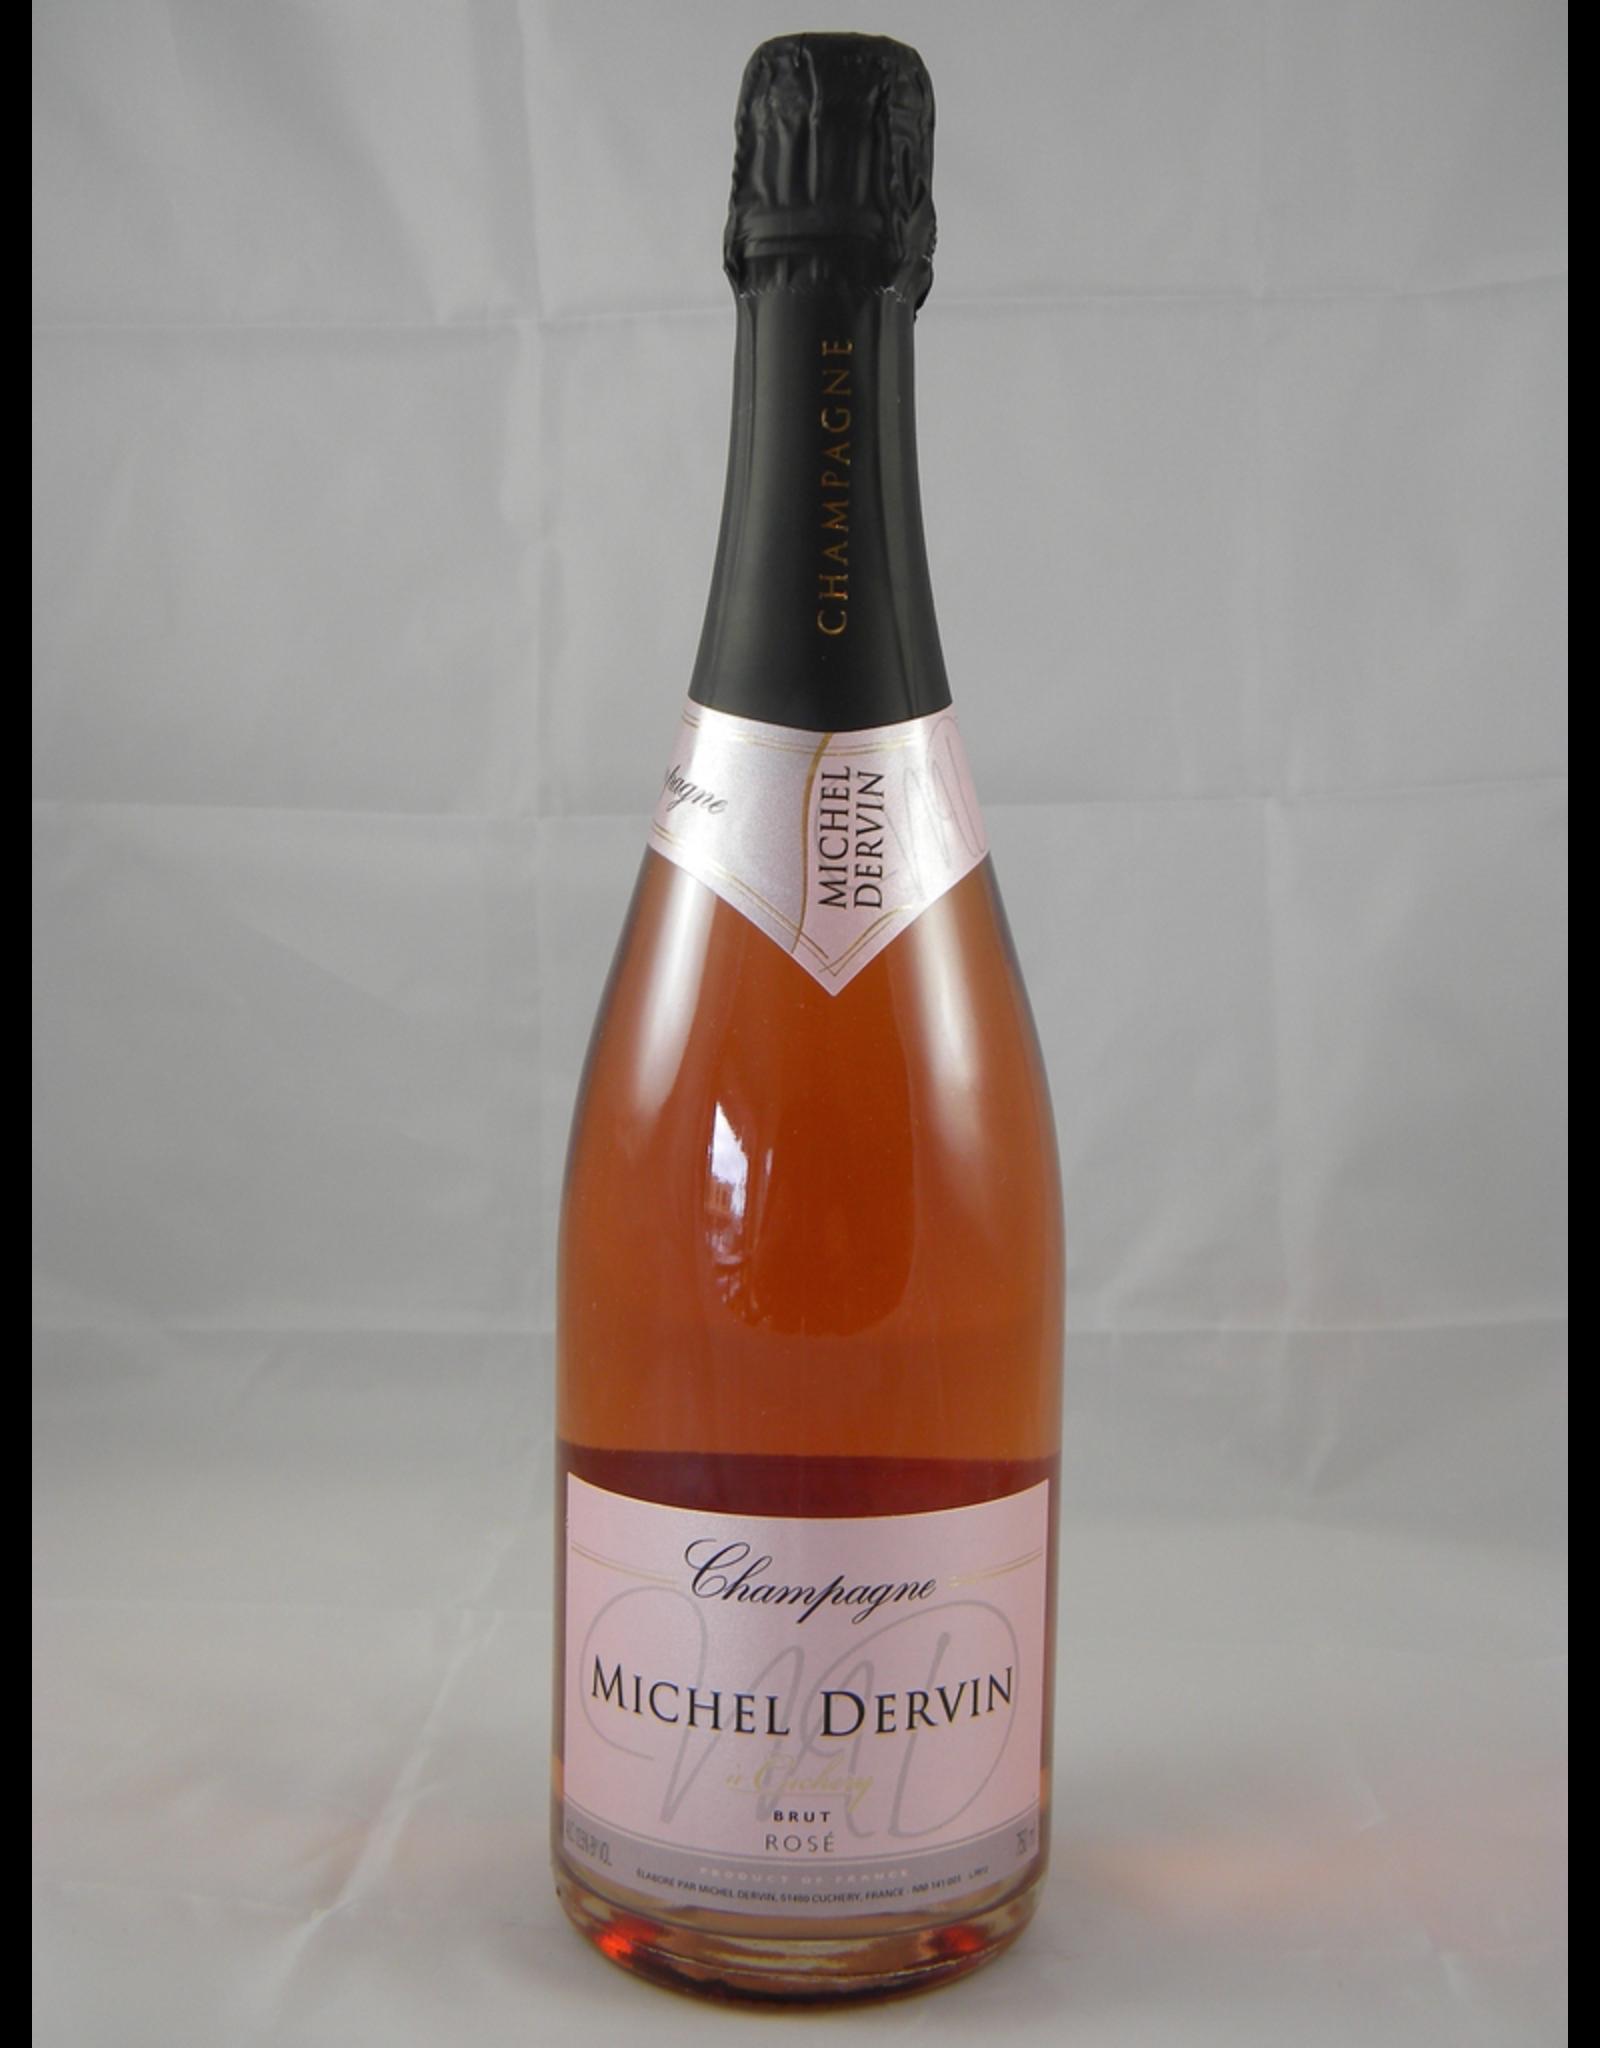 Michel Dervin Champagne Rosé NV